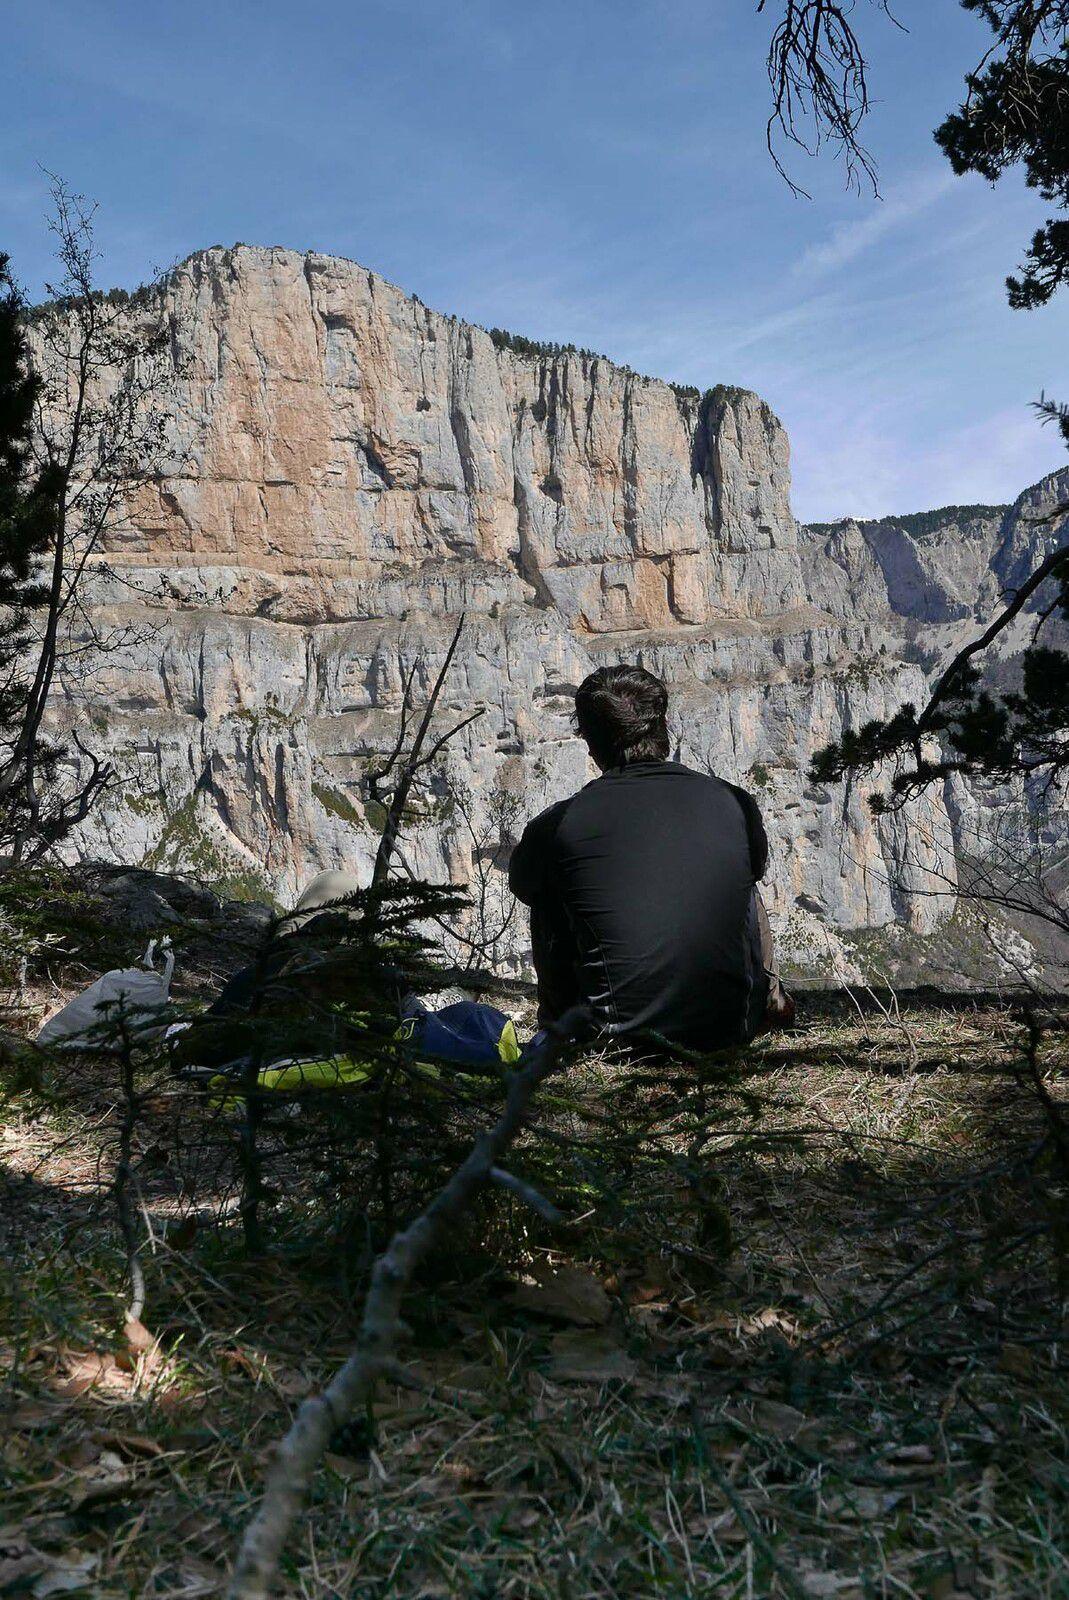 """Un pierrier à remonter, puis de magnifique point de vue sur le rocher du Jardin du Roy et particulièrement du secteur nommé """"paroi rouge """" par les grimpeurs."""